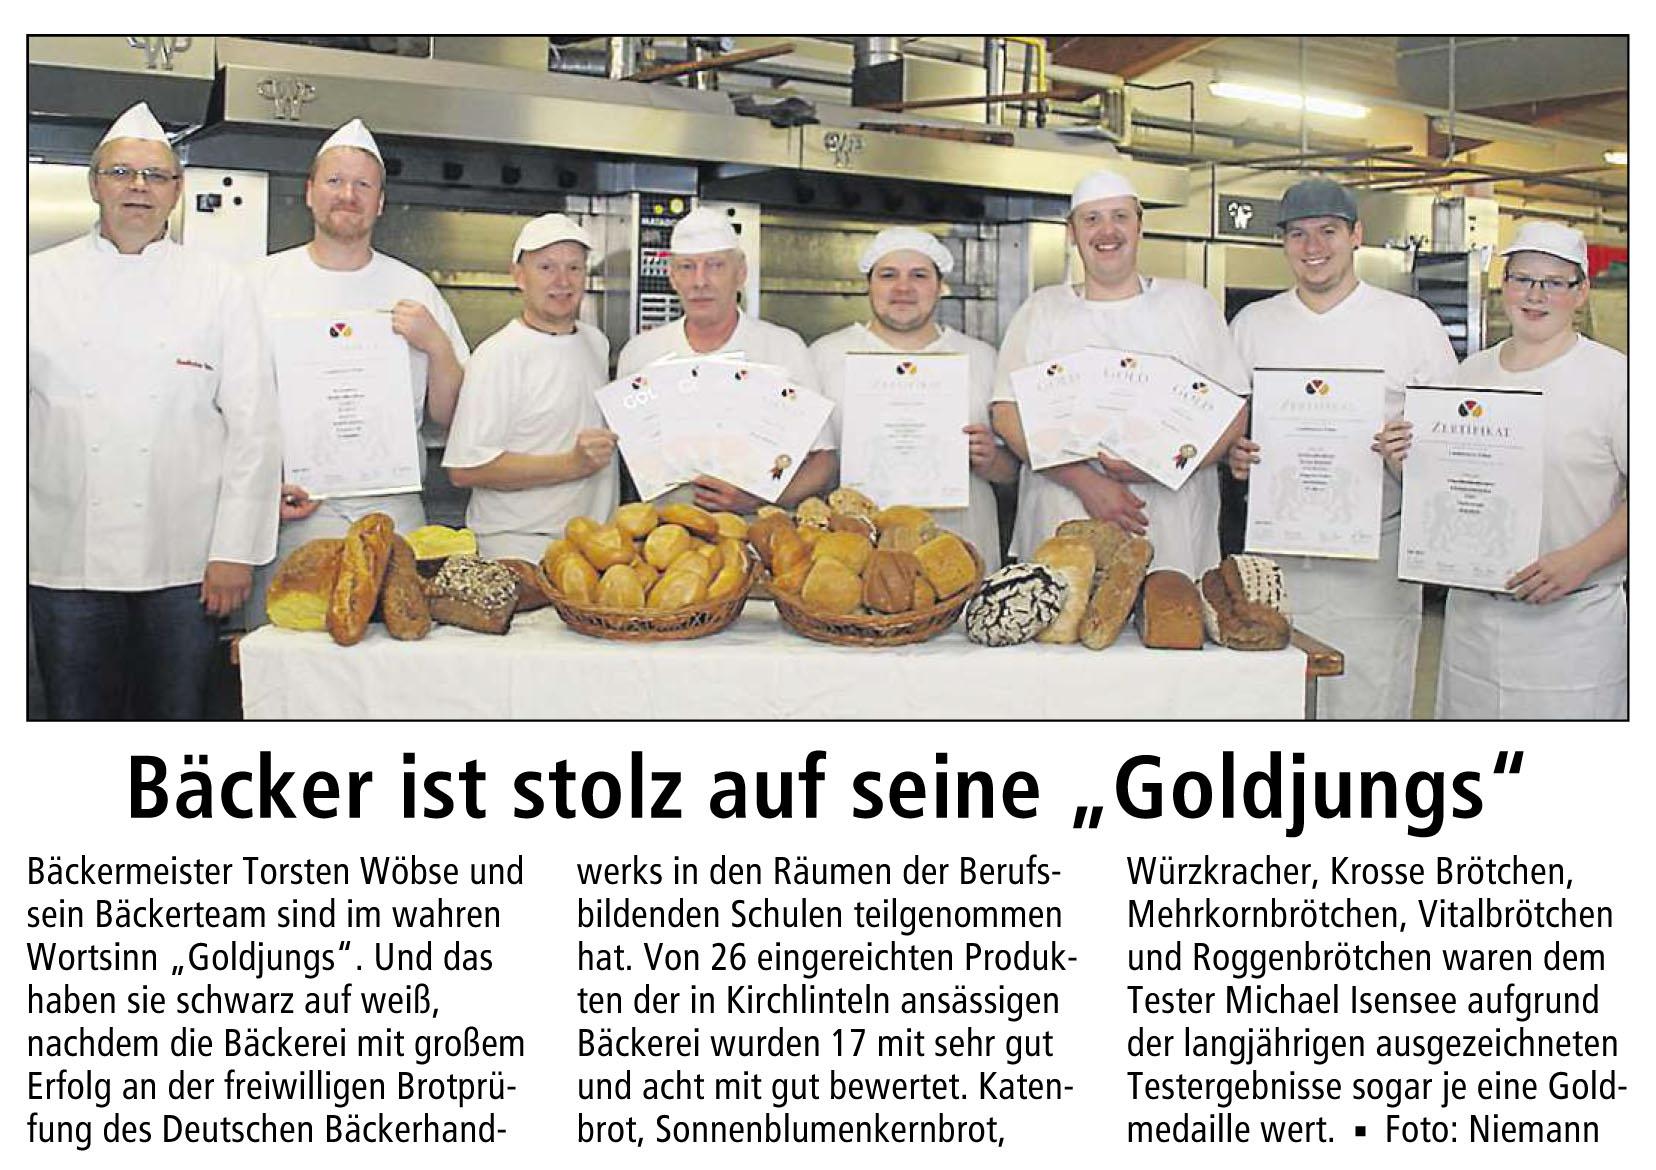 VAZ_2015_09_26_Bäckerei Wöbse